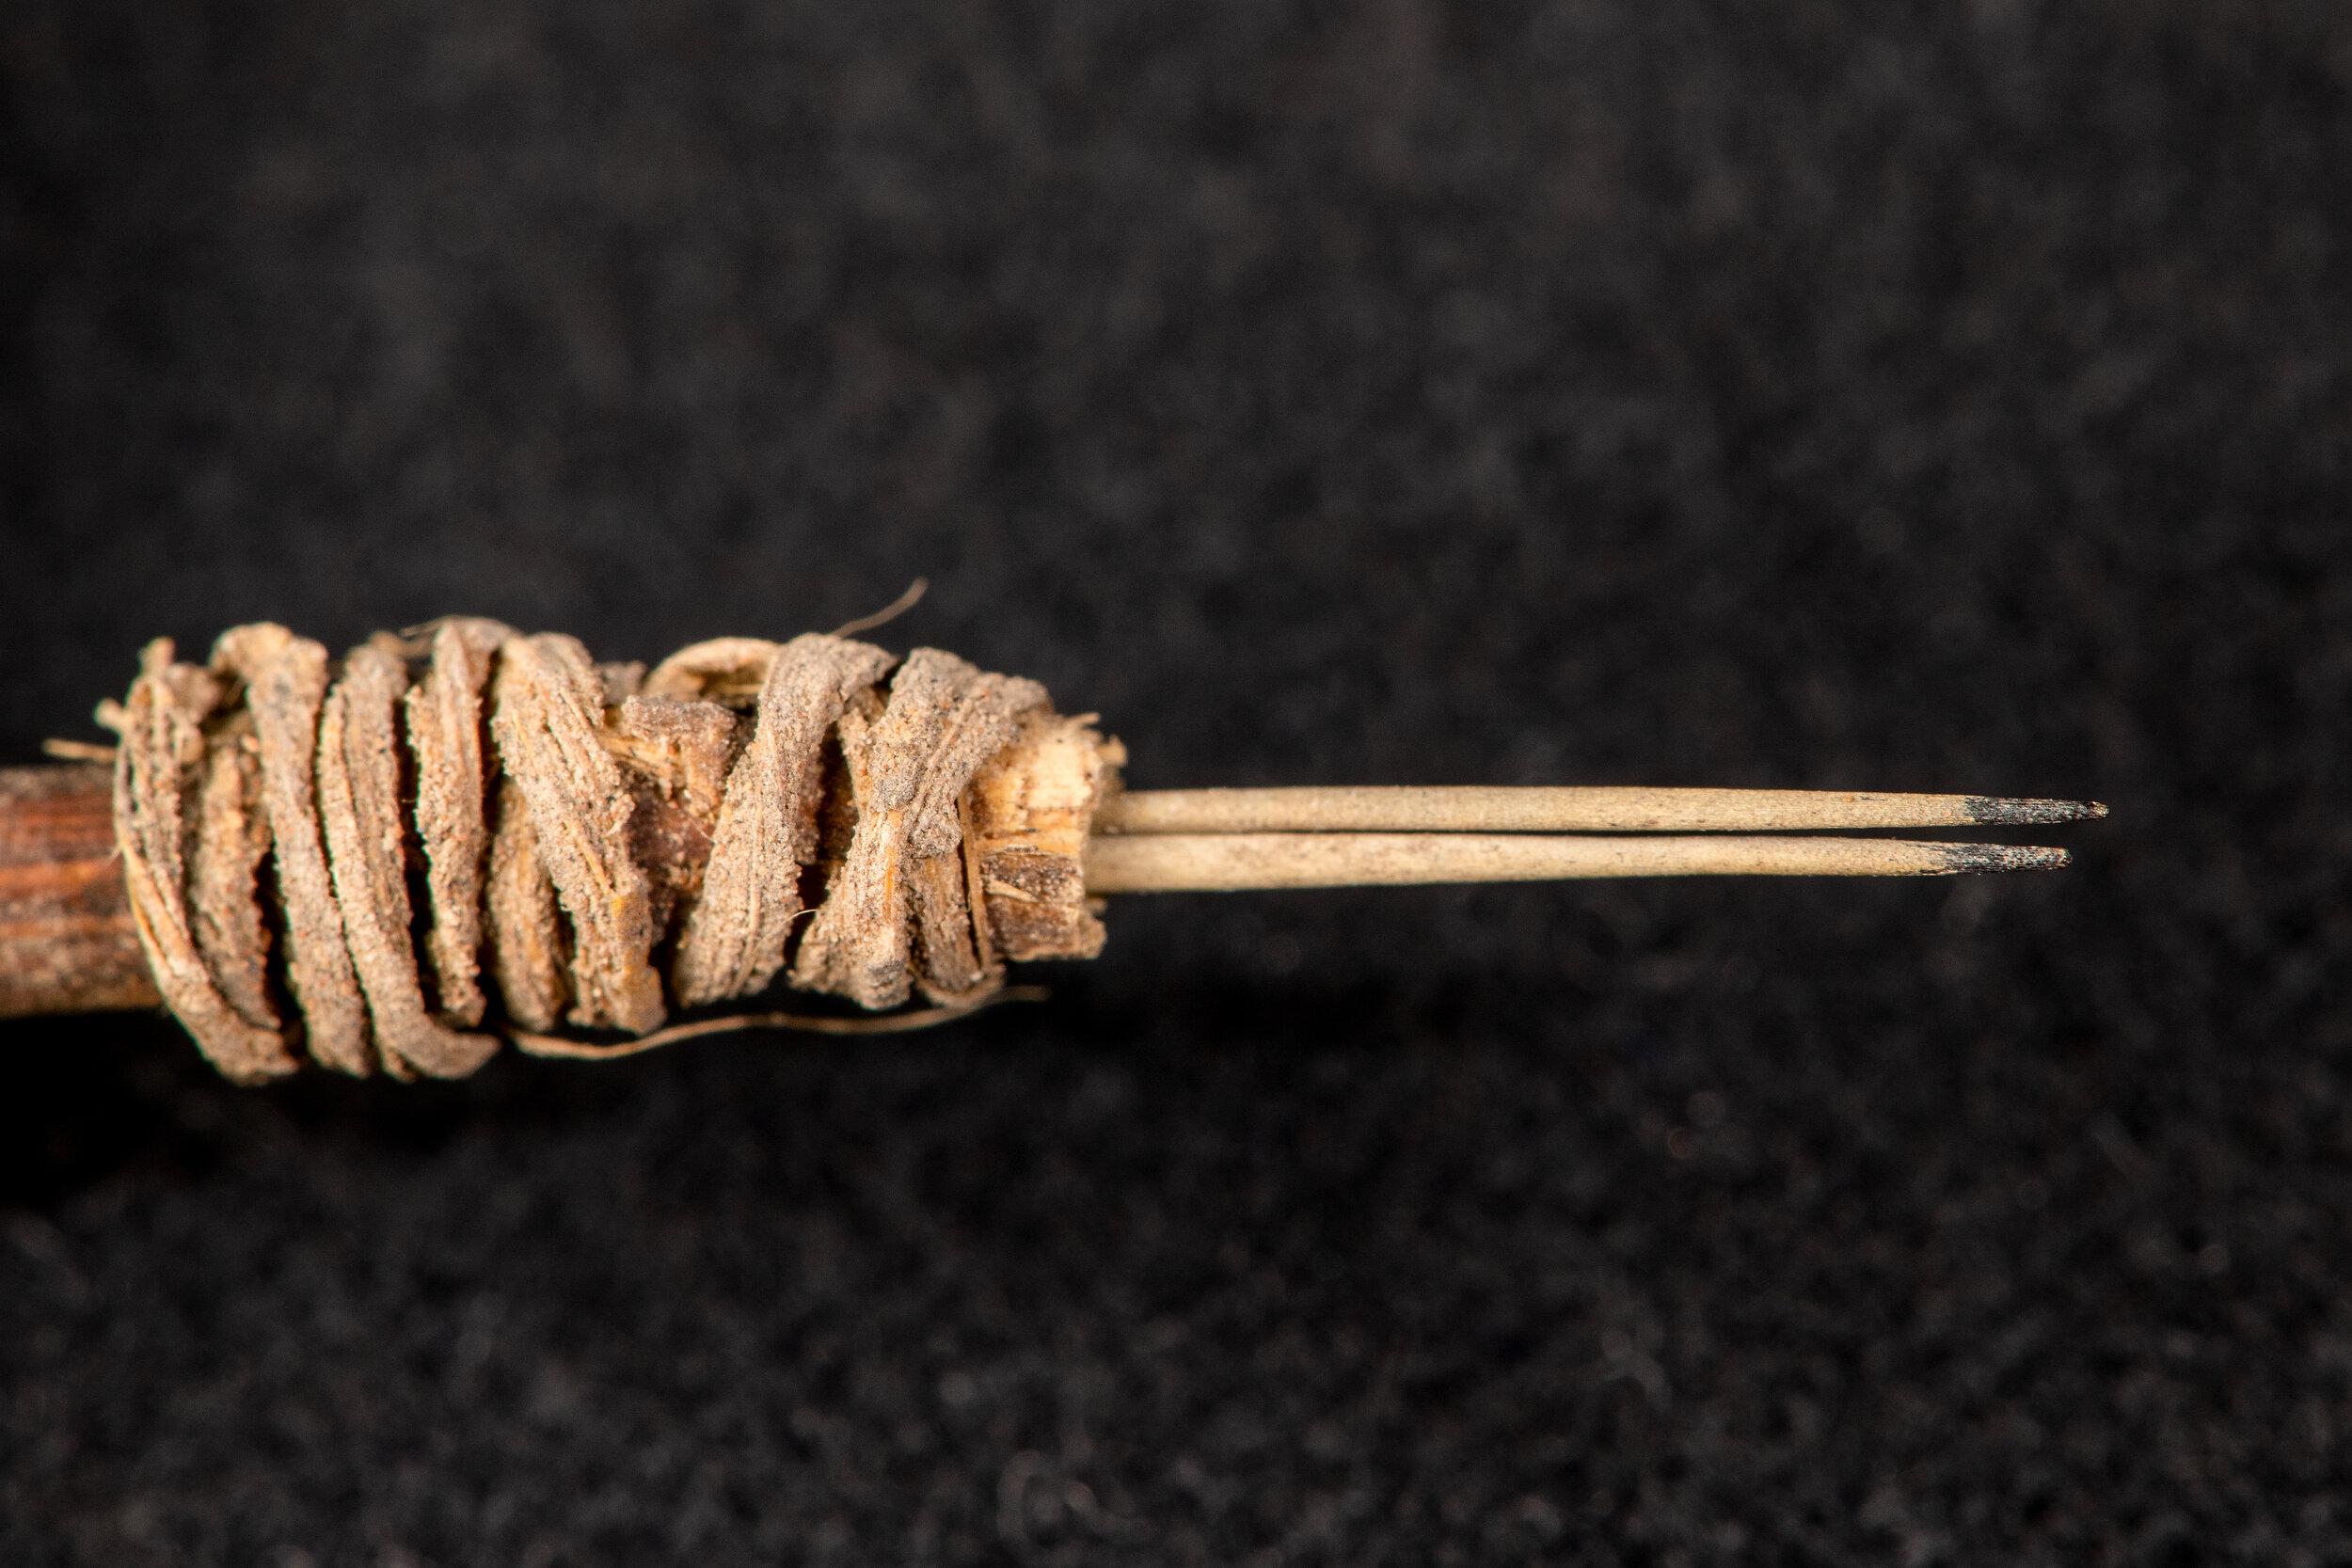 Кончики двух иголок – колючек опунции – были окрашены в чёрный цвет.